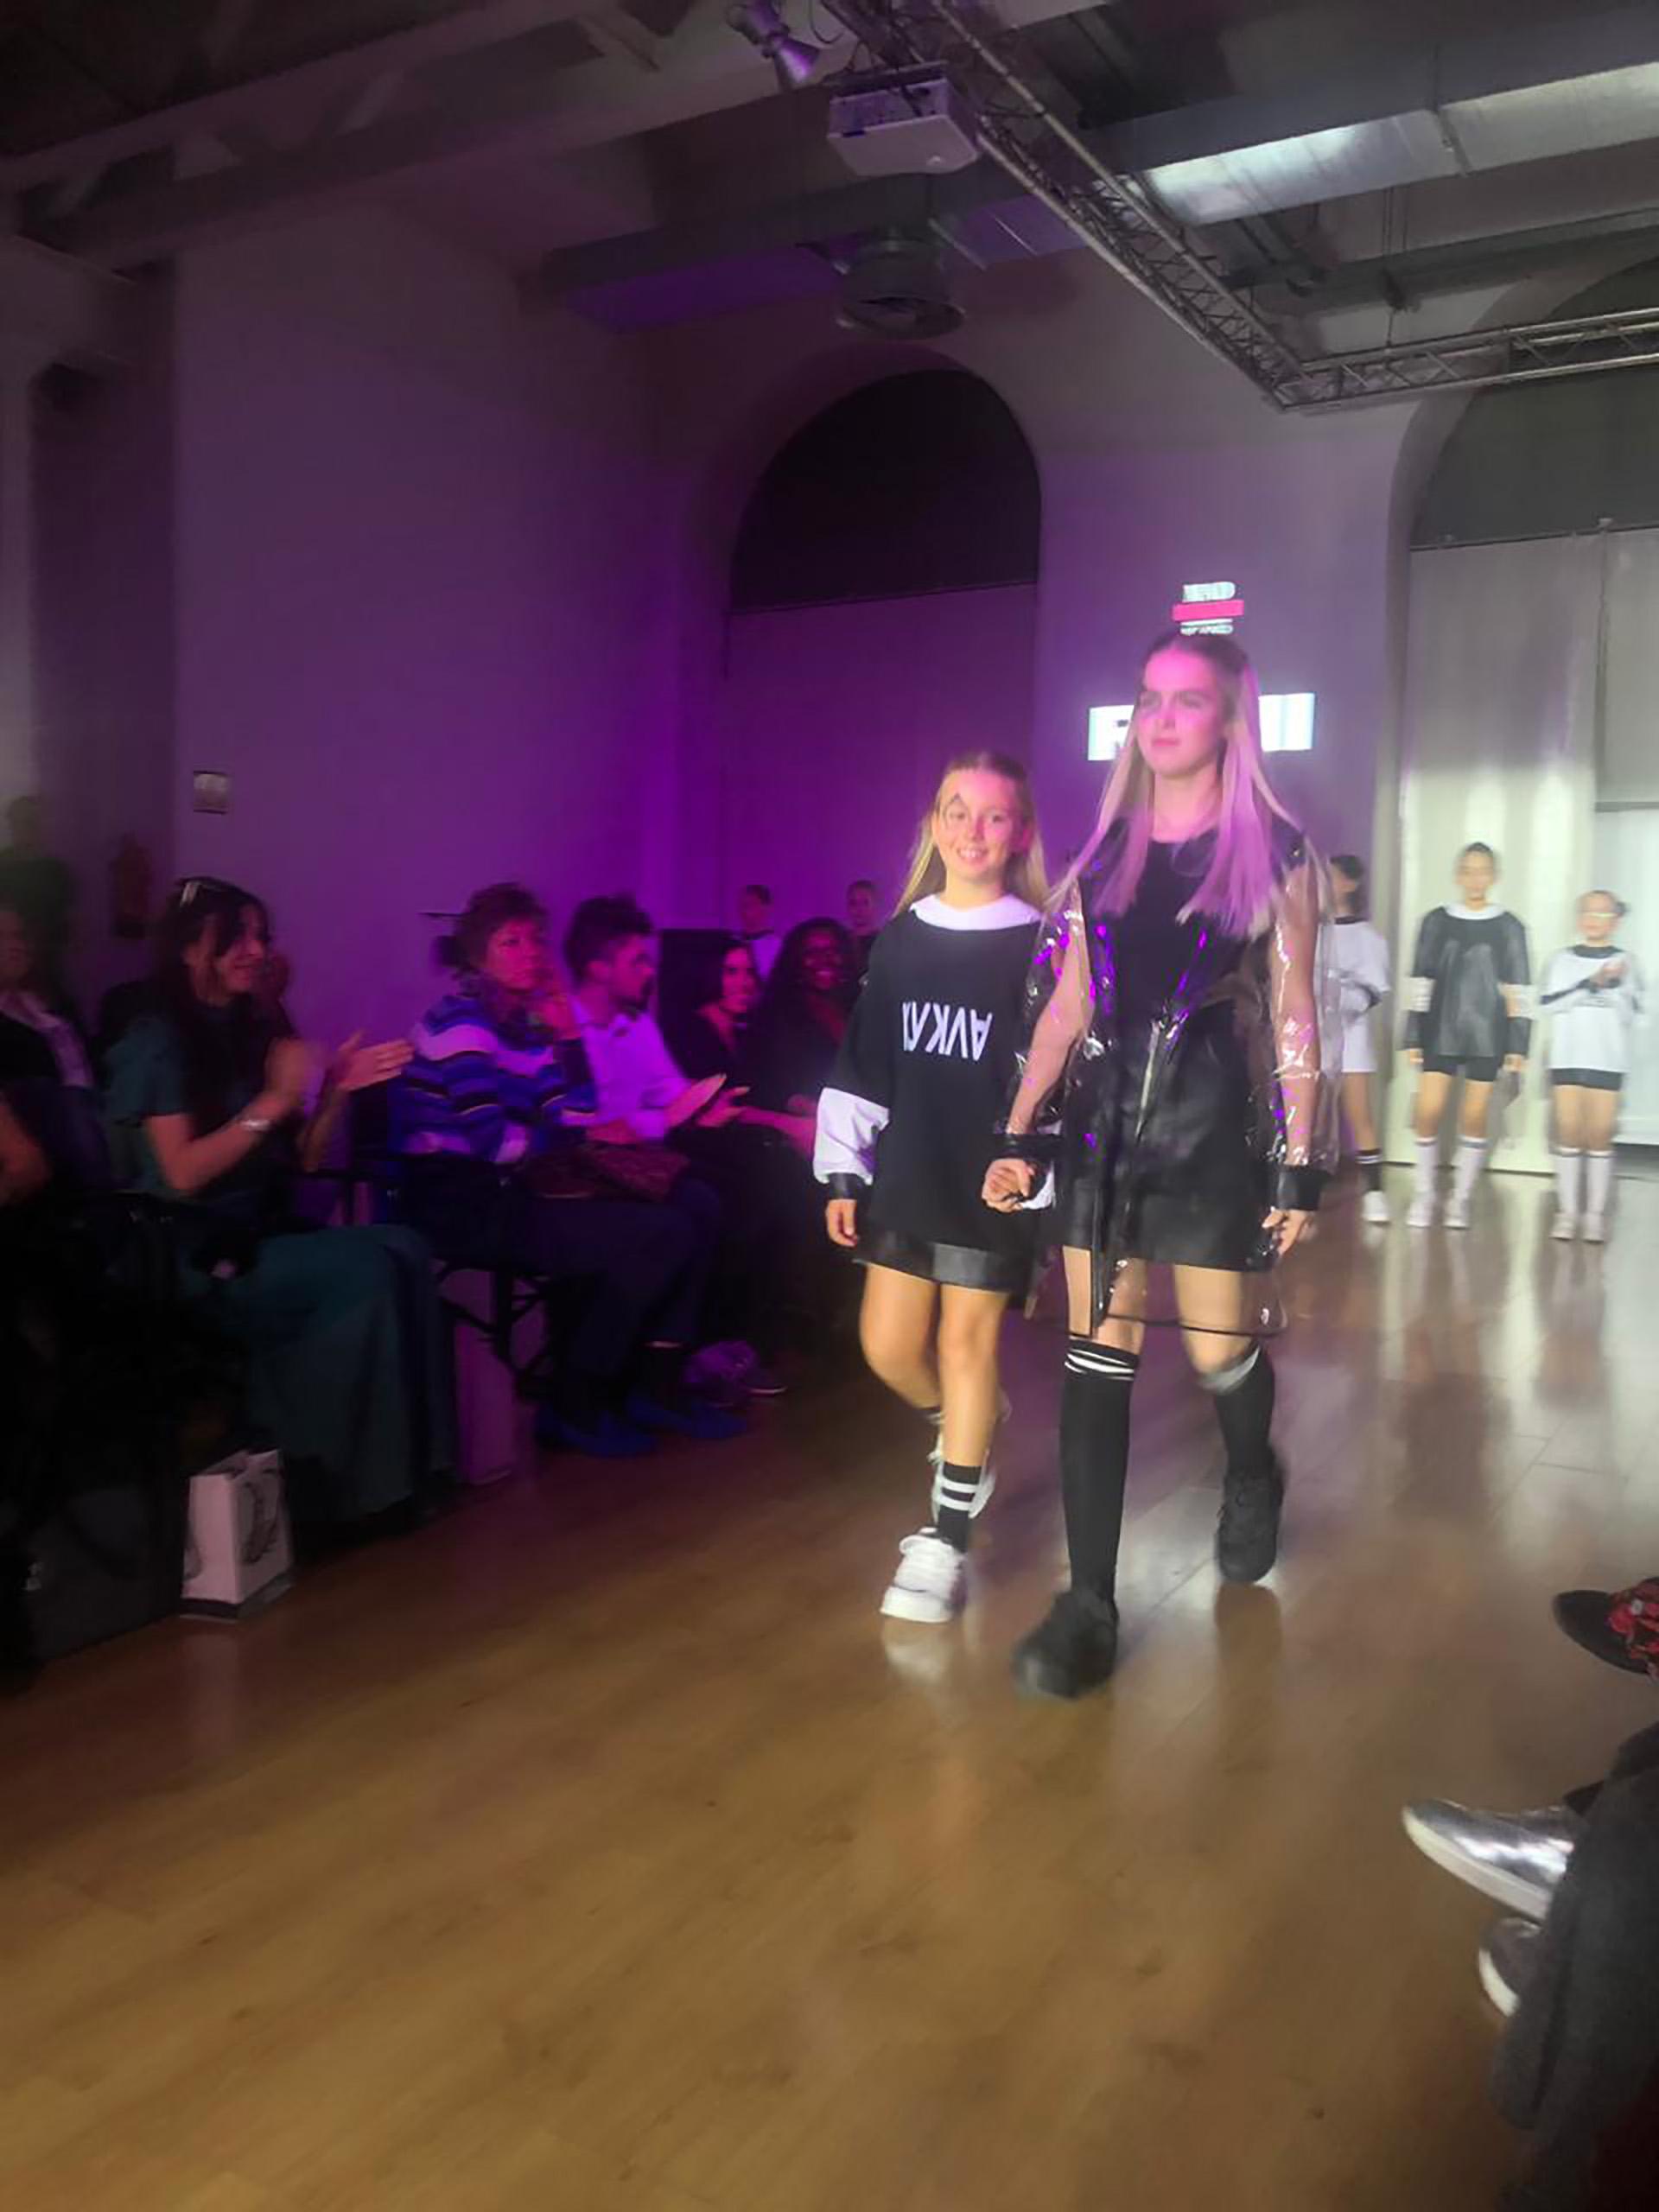 Taína Gravier Mazza sigue los pasos de sus madre Valeria Mazza, desfiló en para una marca de ropa juevenil en el marco del Milán Fashion Week